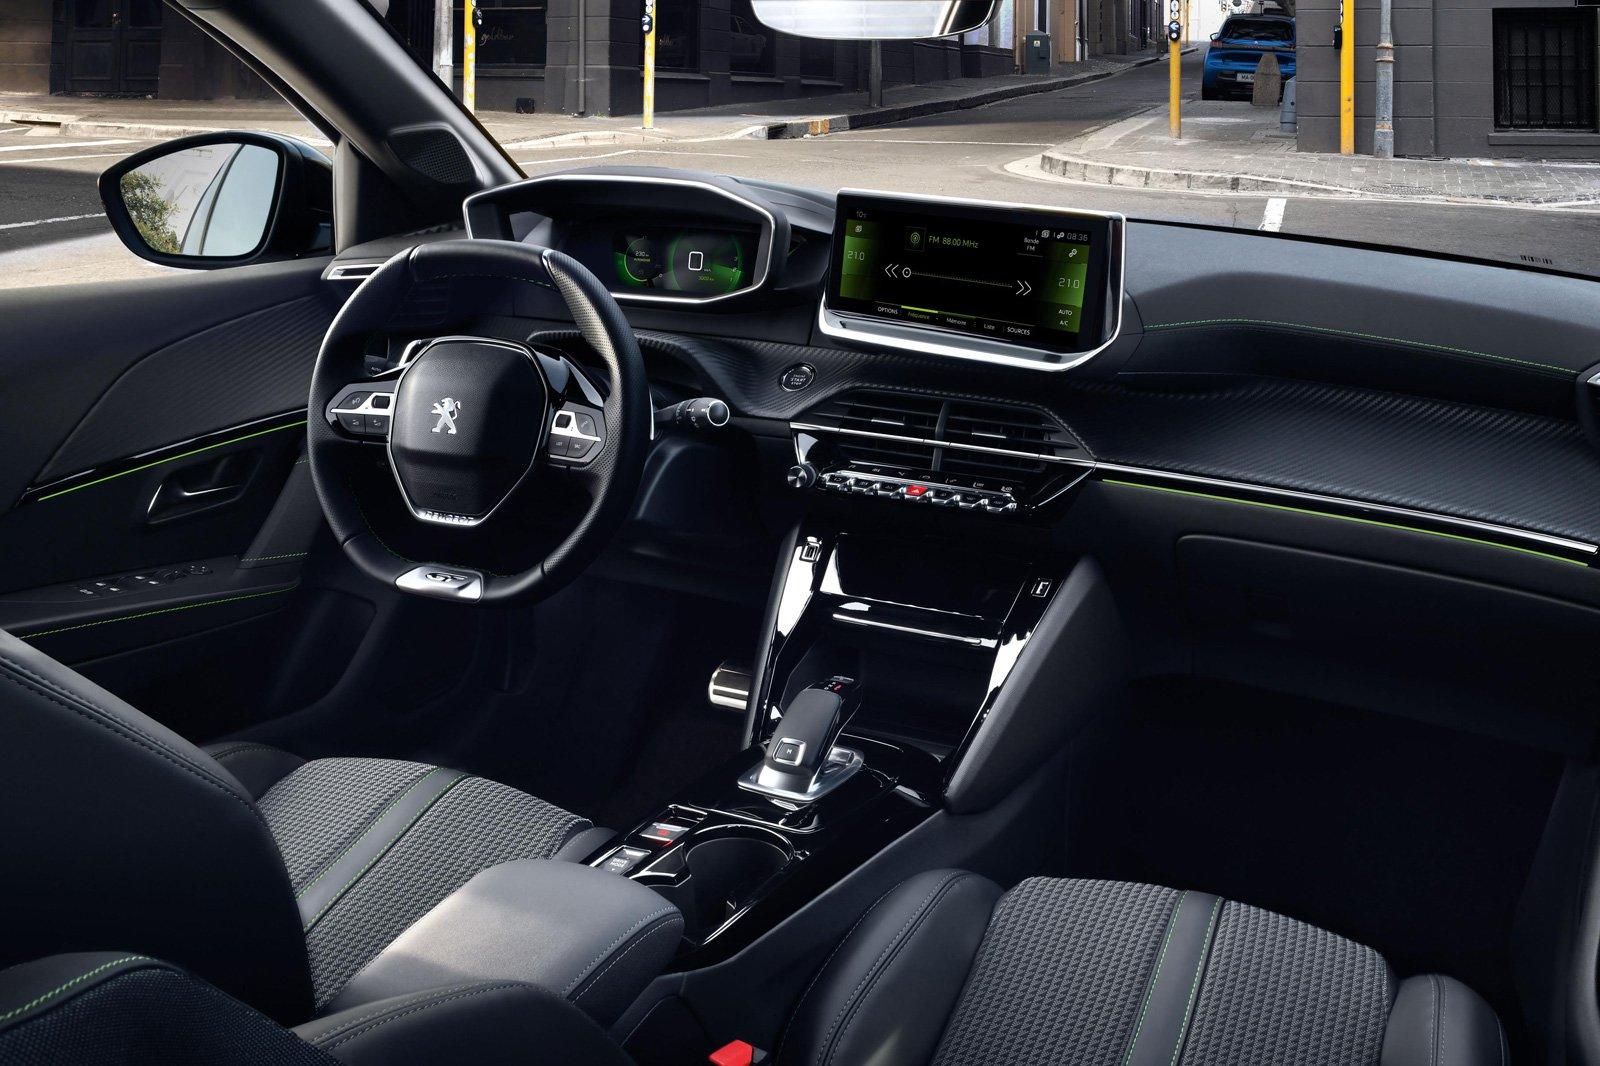 2019 Peugeot 208 interior